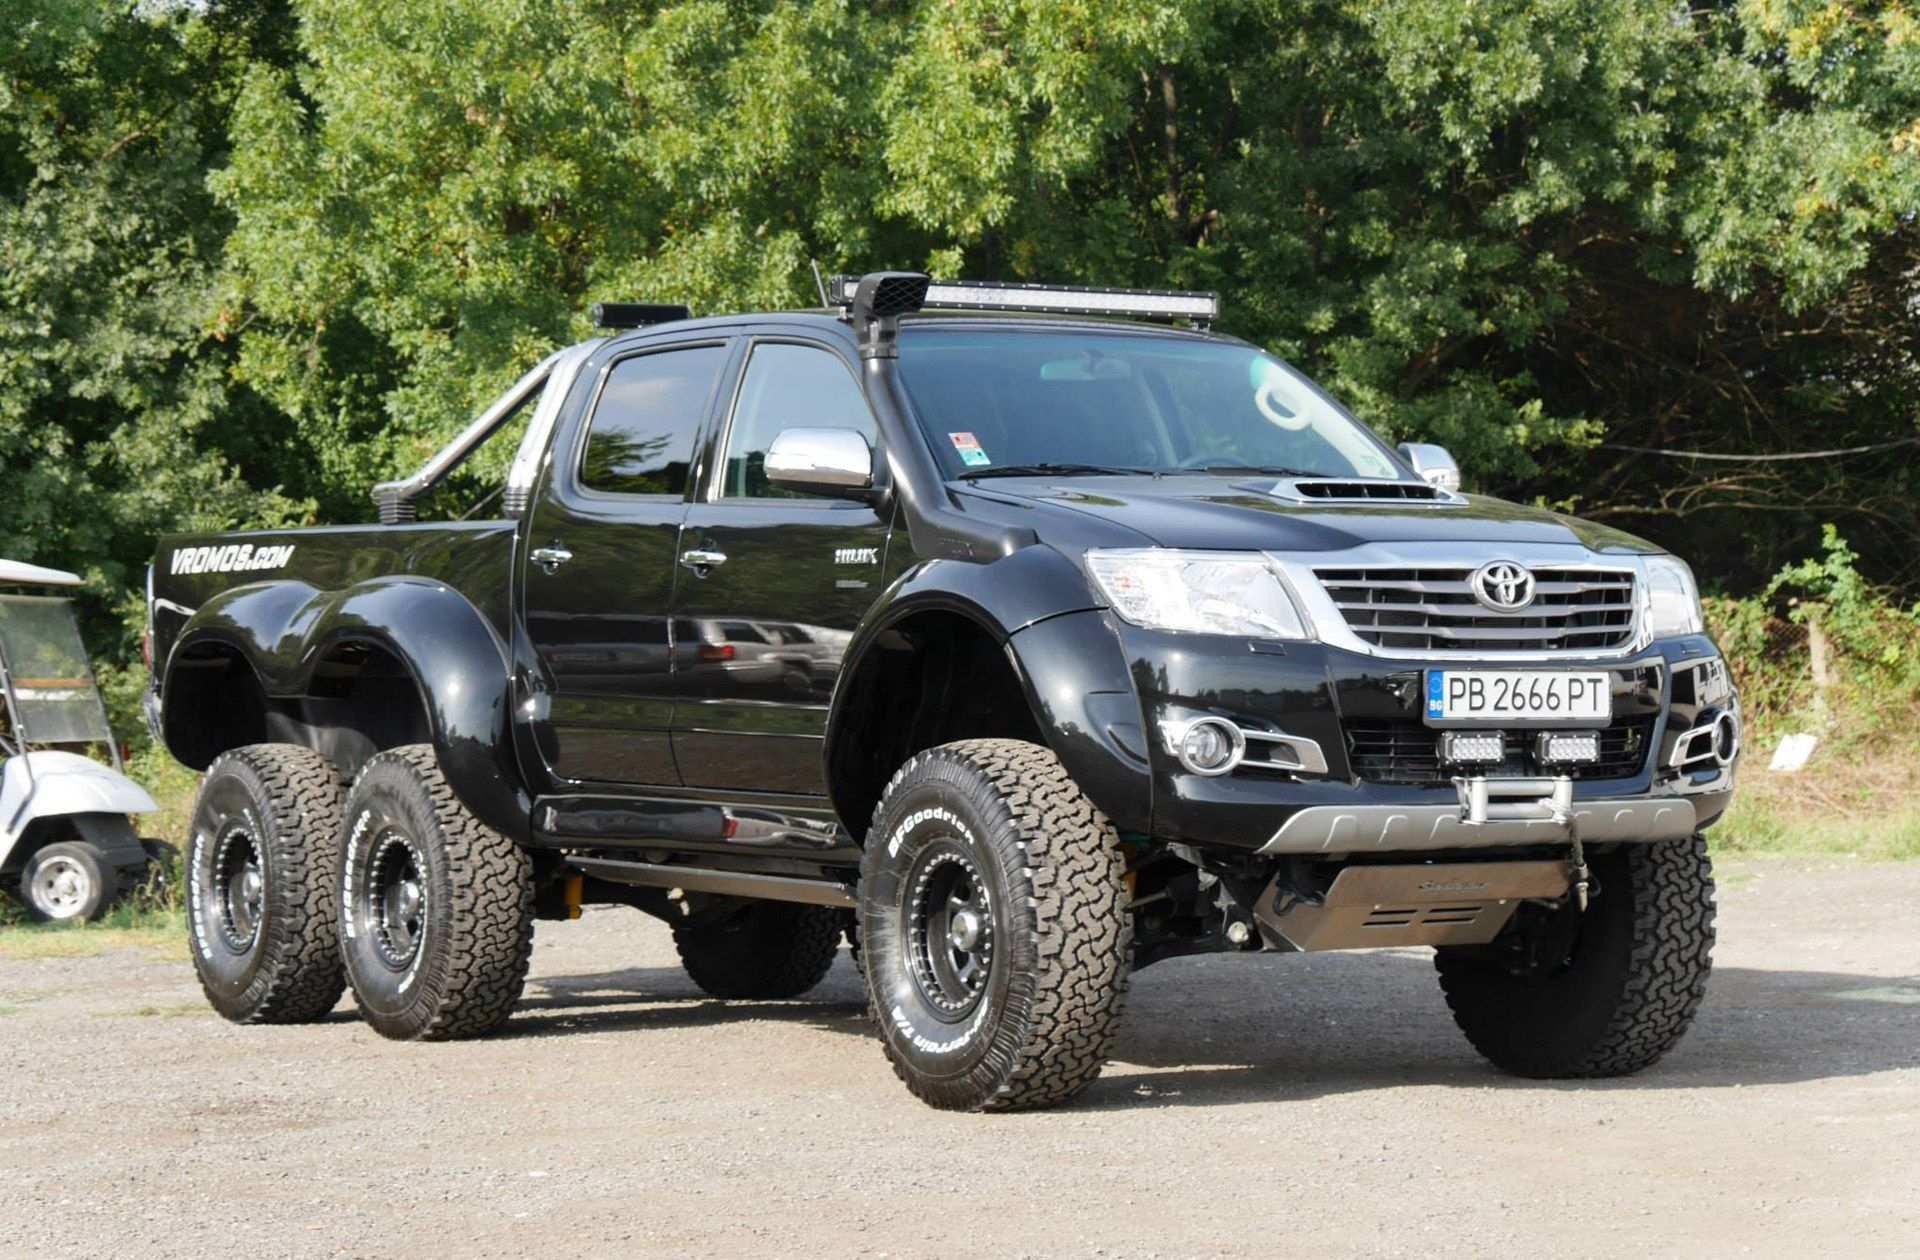 88 Concept of 2020 Toyota Vigo 2018 Redesign and Concept with 2020 Toyota Vigo 2018